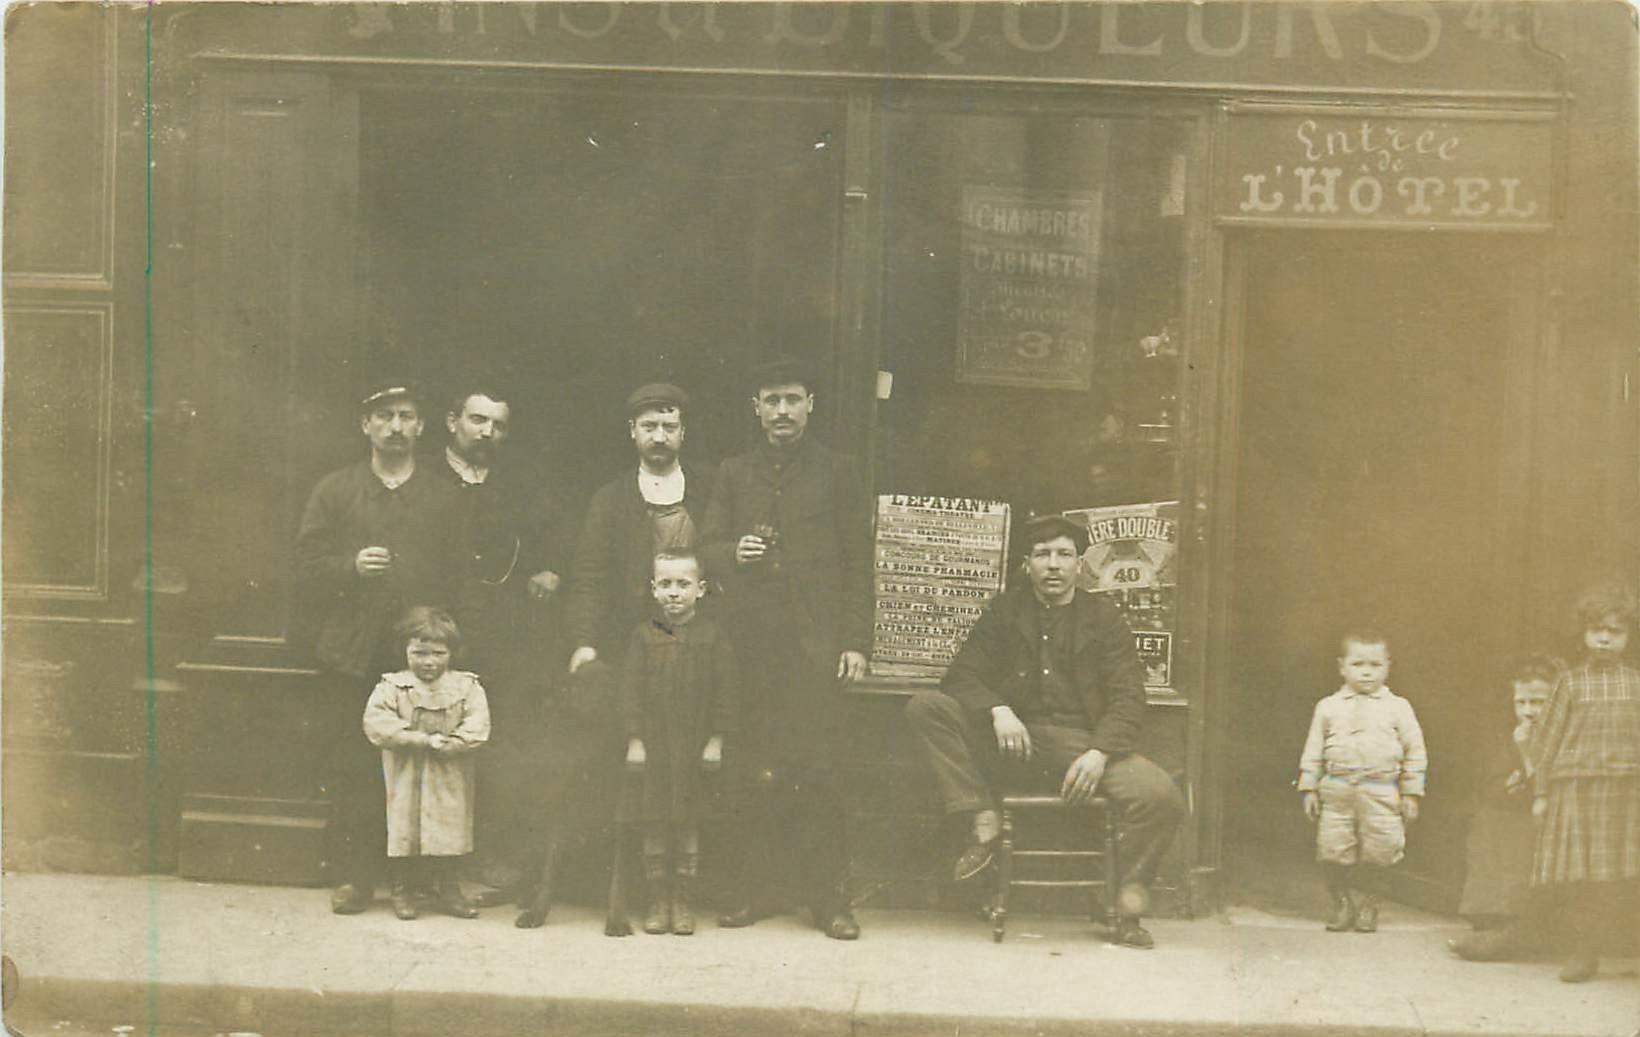 PARIS XI. Café et Hôtel de Vienne 43 rue de Malte. Affiche Cinéma l'Epatant 4 Bd de Belleville